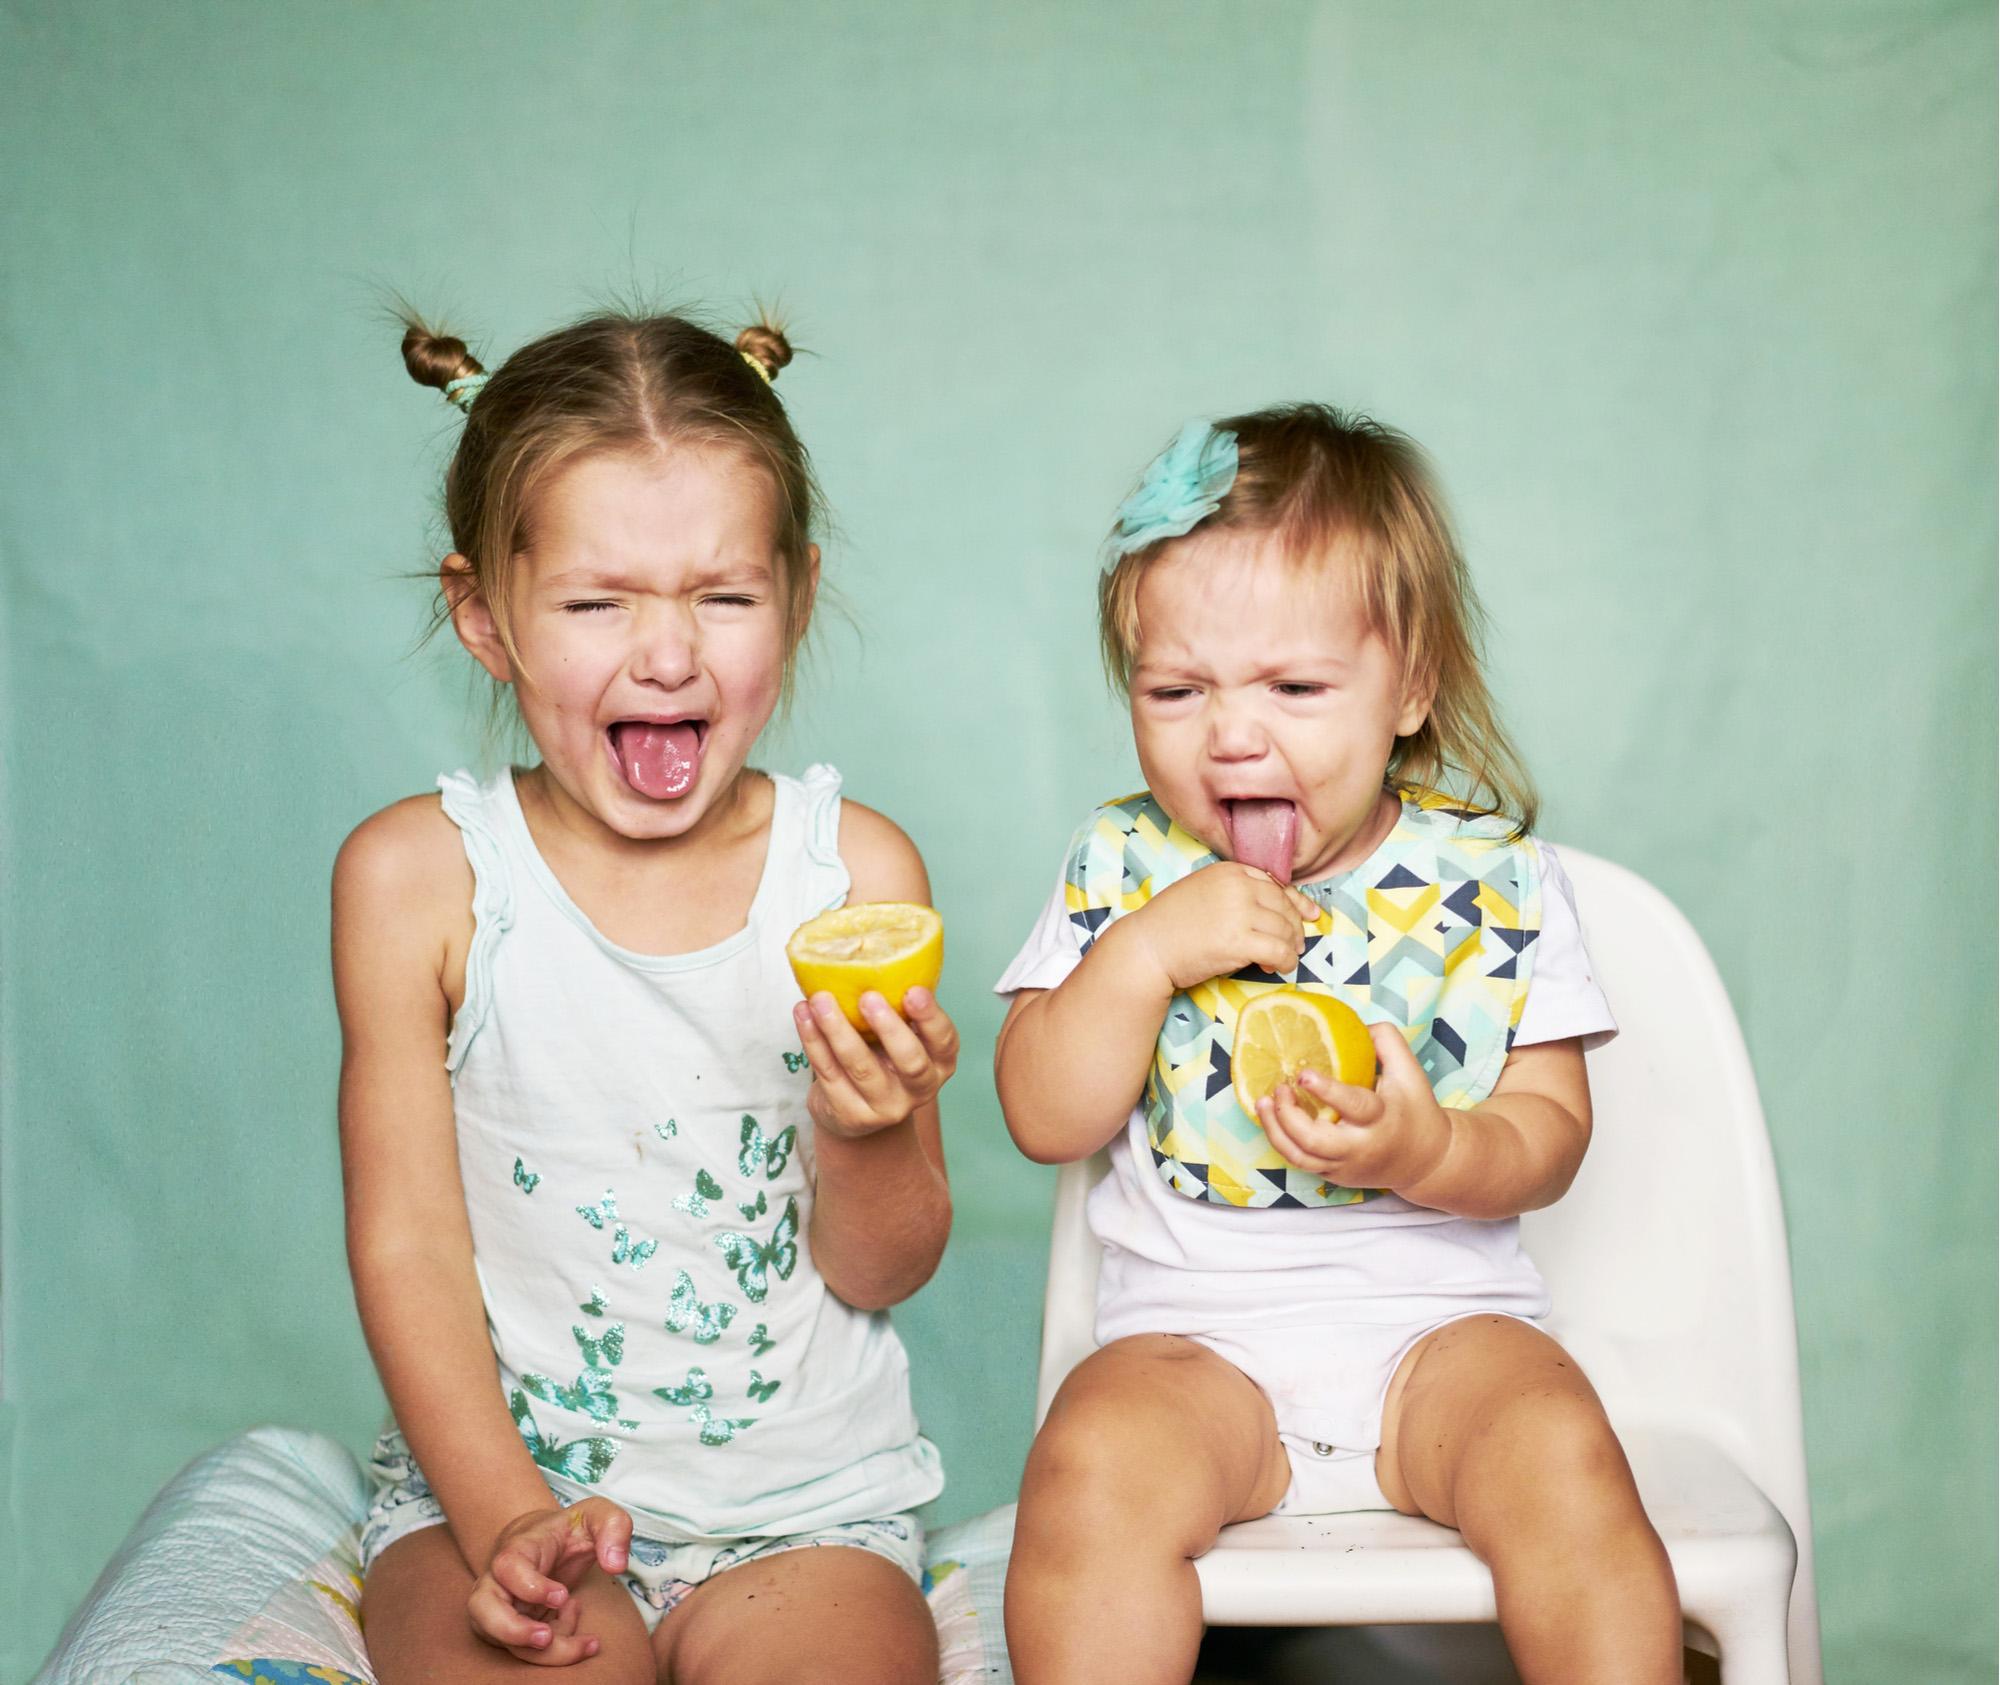 فتاتان تتذوقان الليمون الحامض